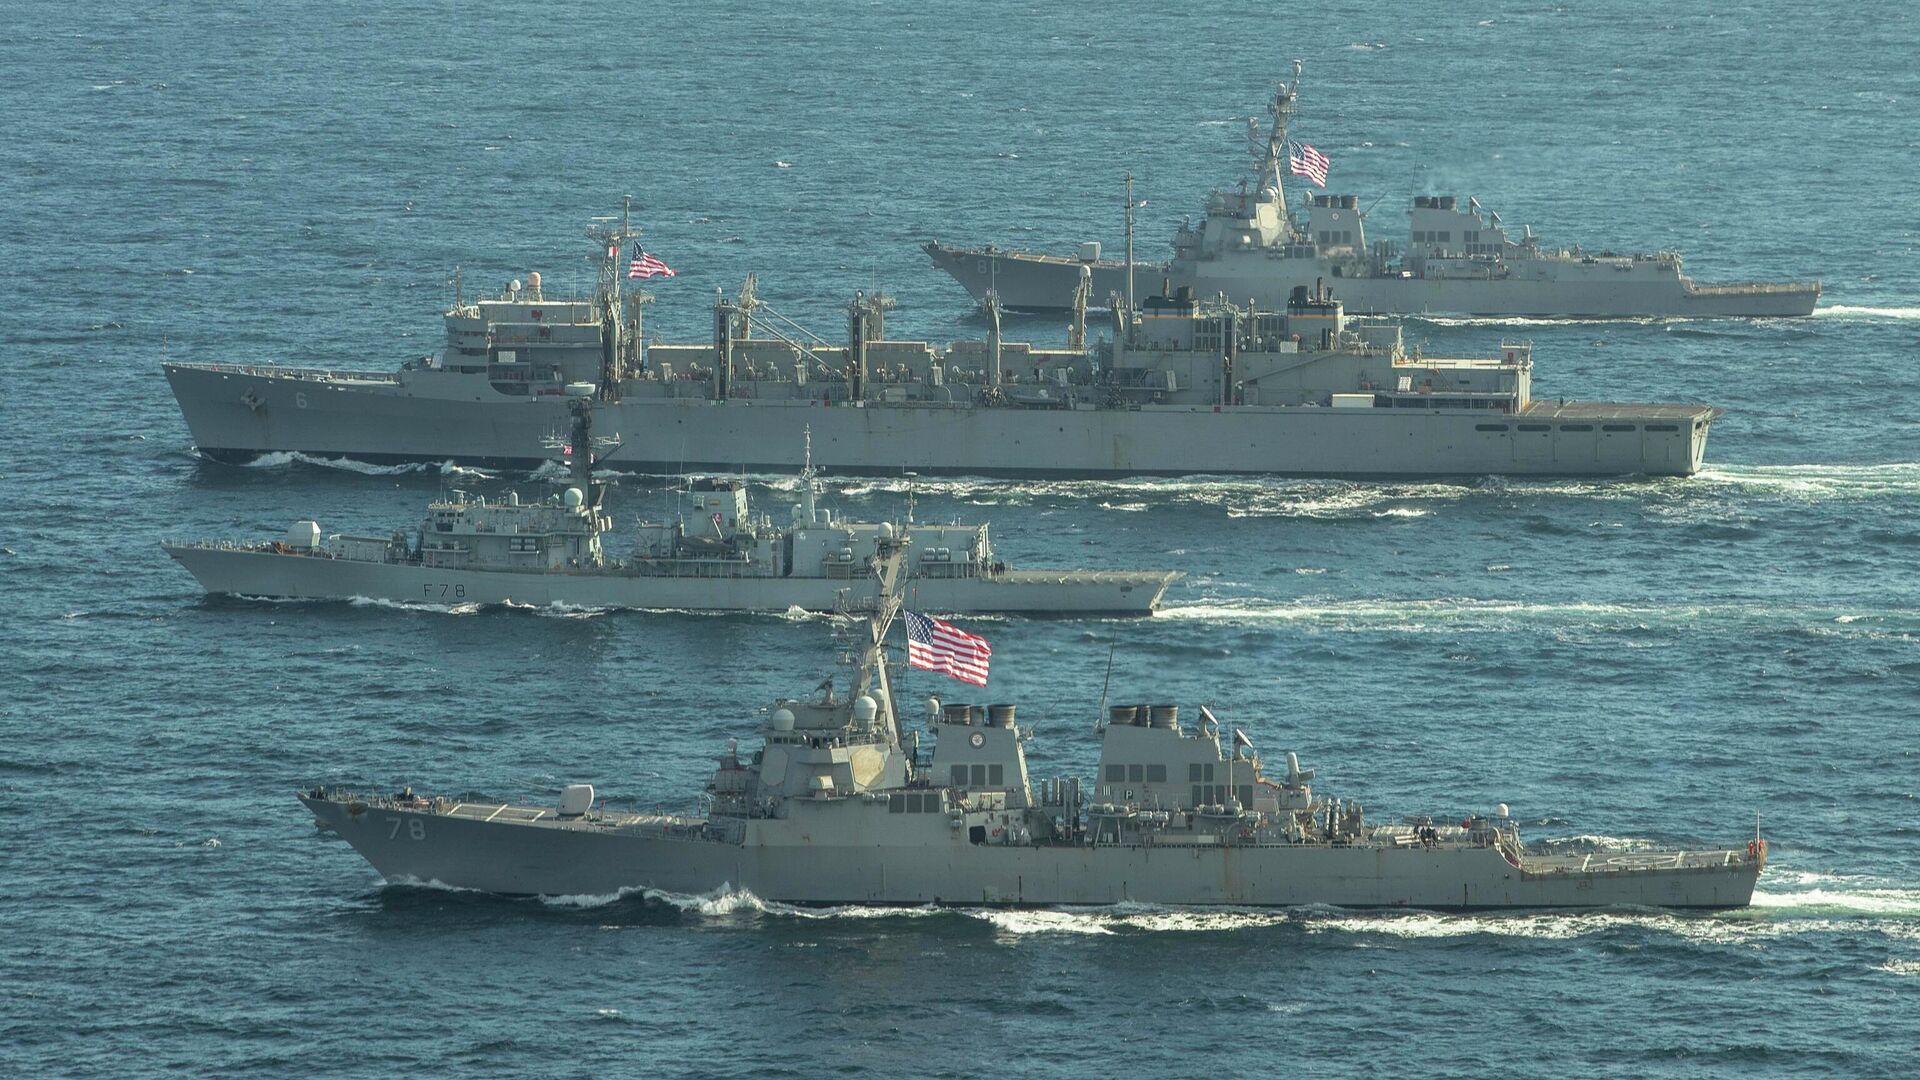 Эсминцы ВМС США Портер, Дональд Кук и Франклин Рузвельт и британский фрегат Кент во время учений в Баренцевом море. 5 мая 2020 - РИА Новости, 1920, 07.05.2020